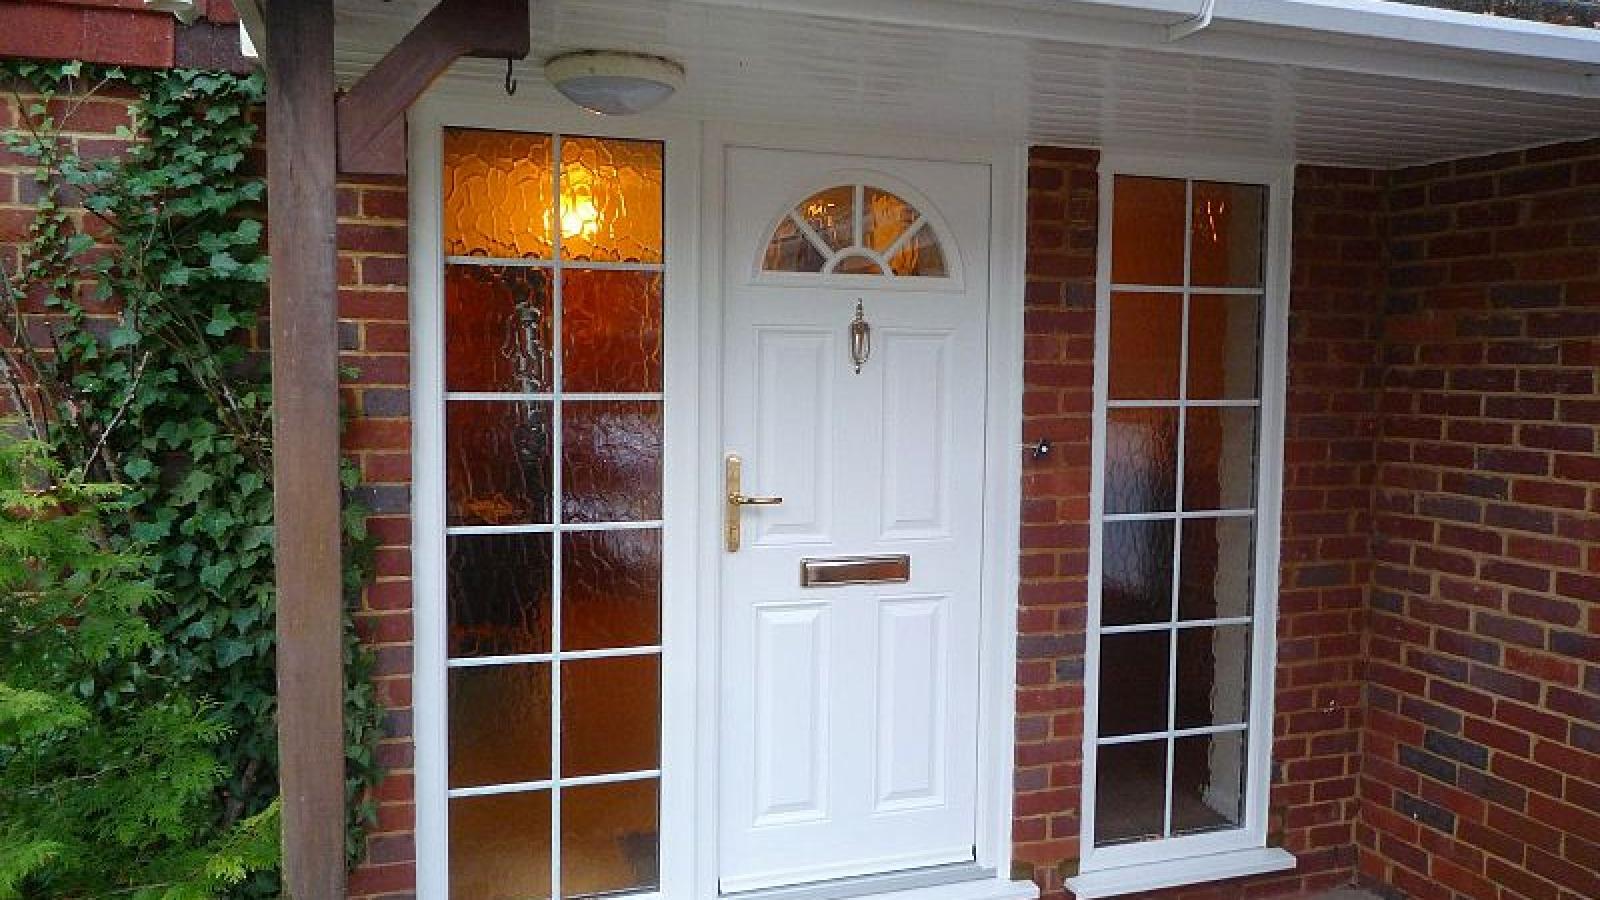 800px-New_front_door_5220796607